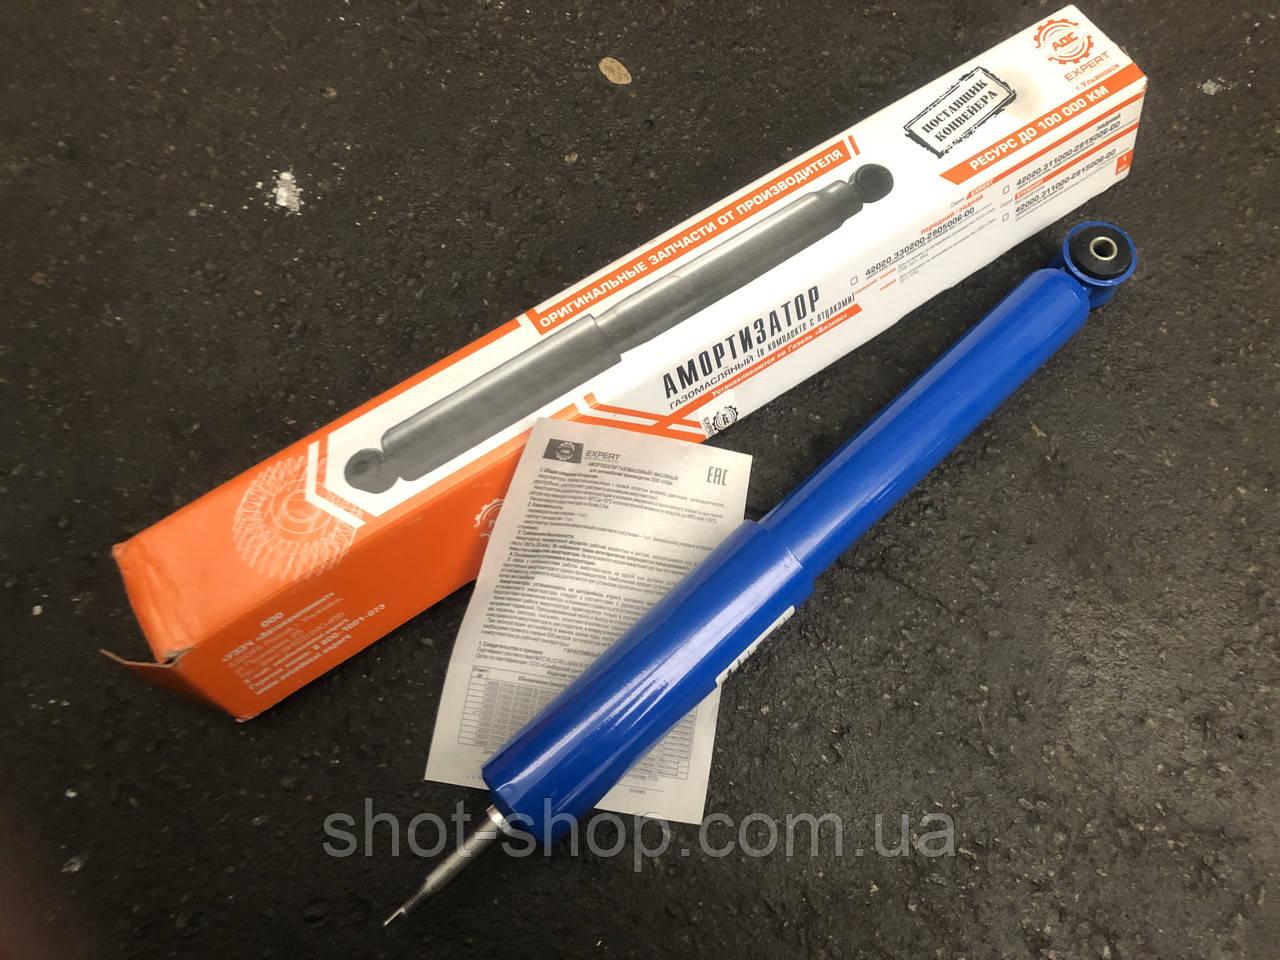 Амортизатор передний УАЗ 3160.3162.3163 Патриот (пр-во,Ульяновск)